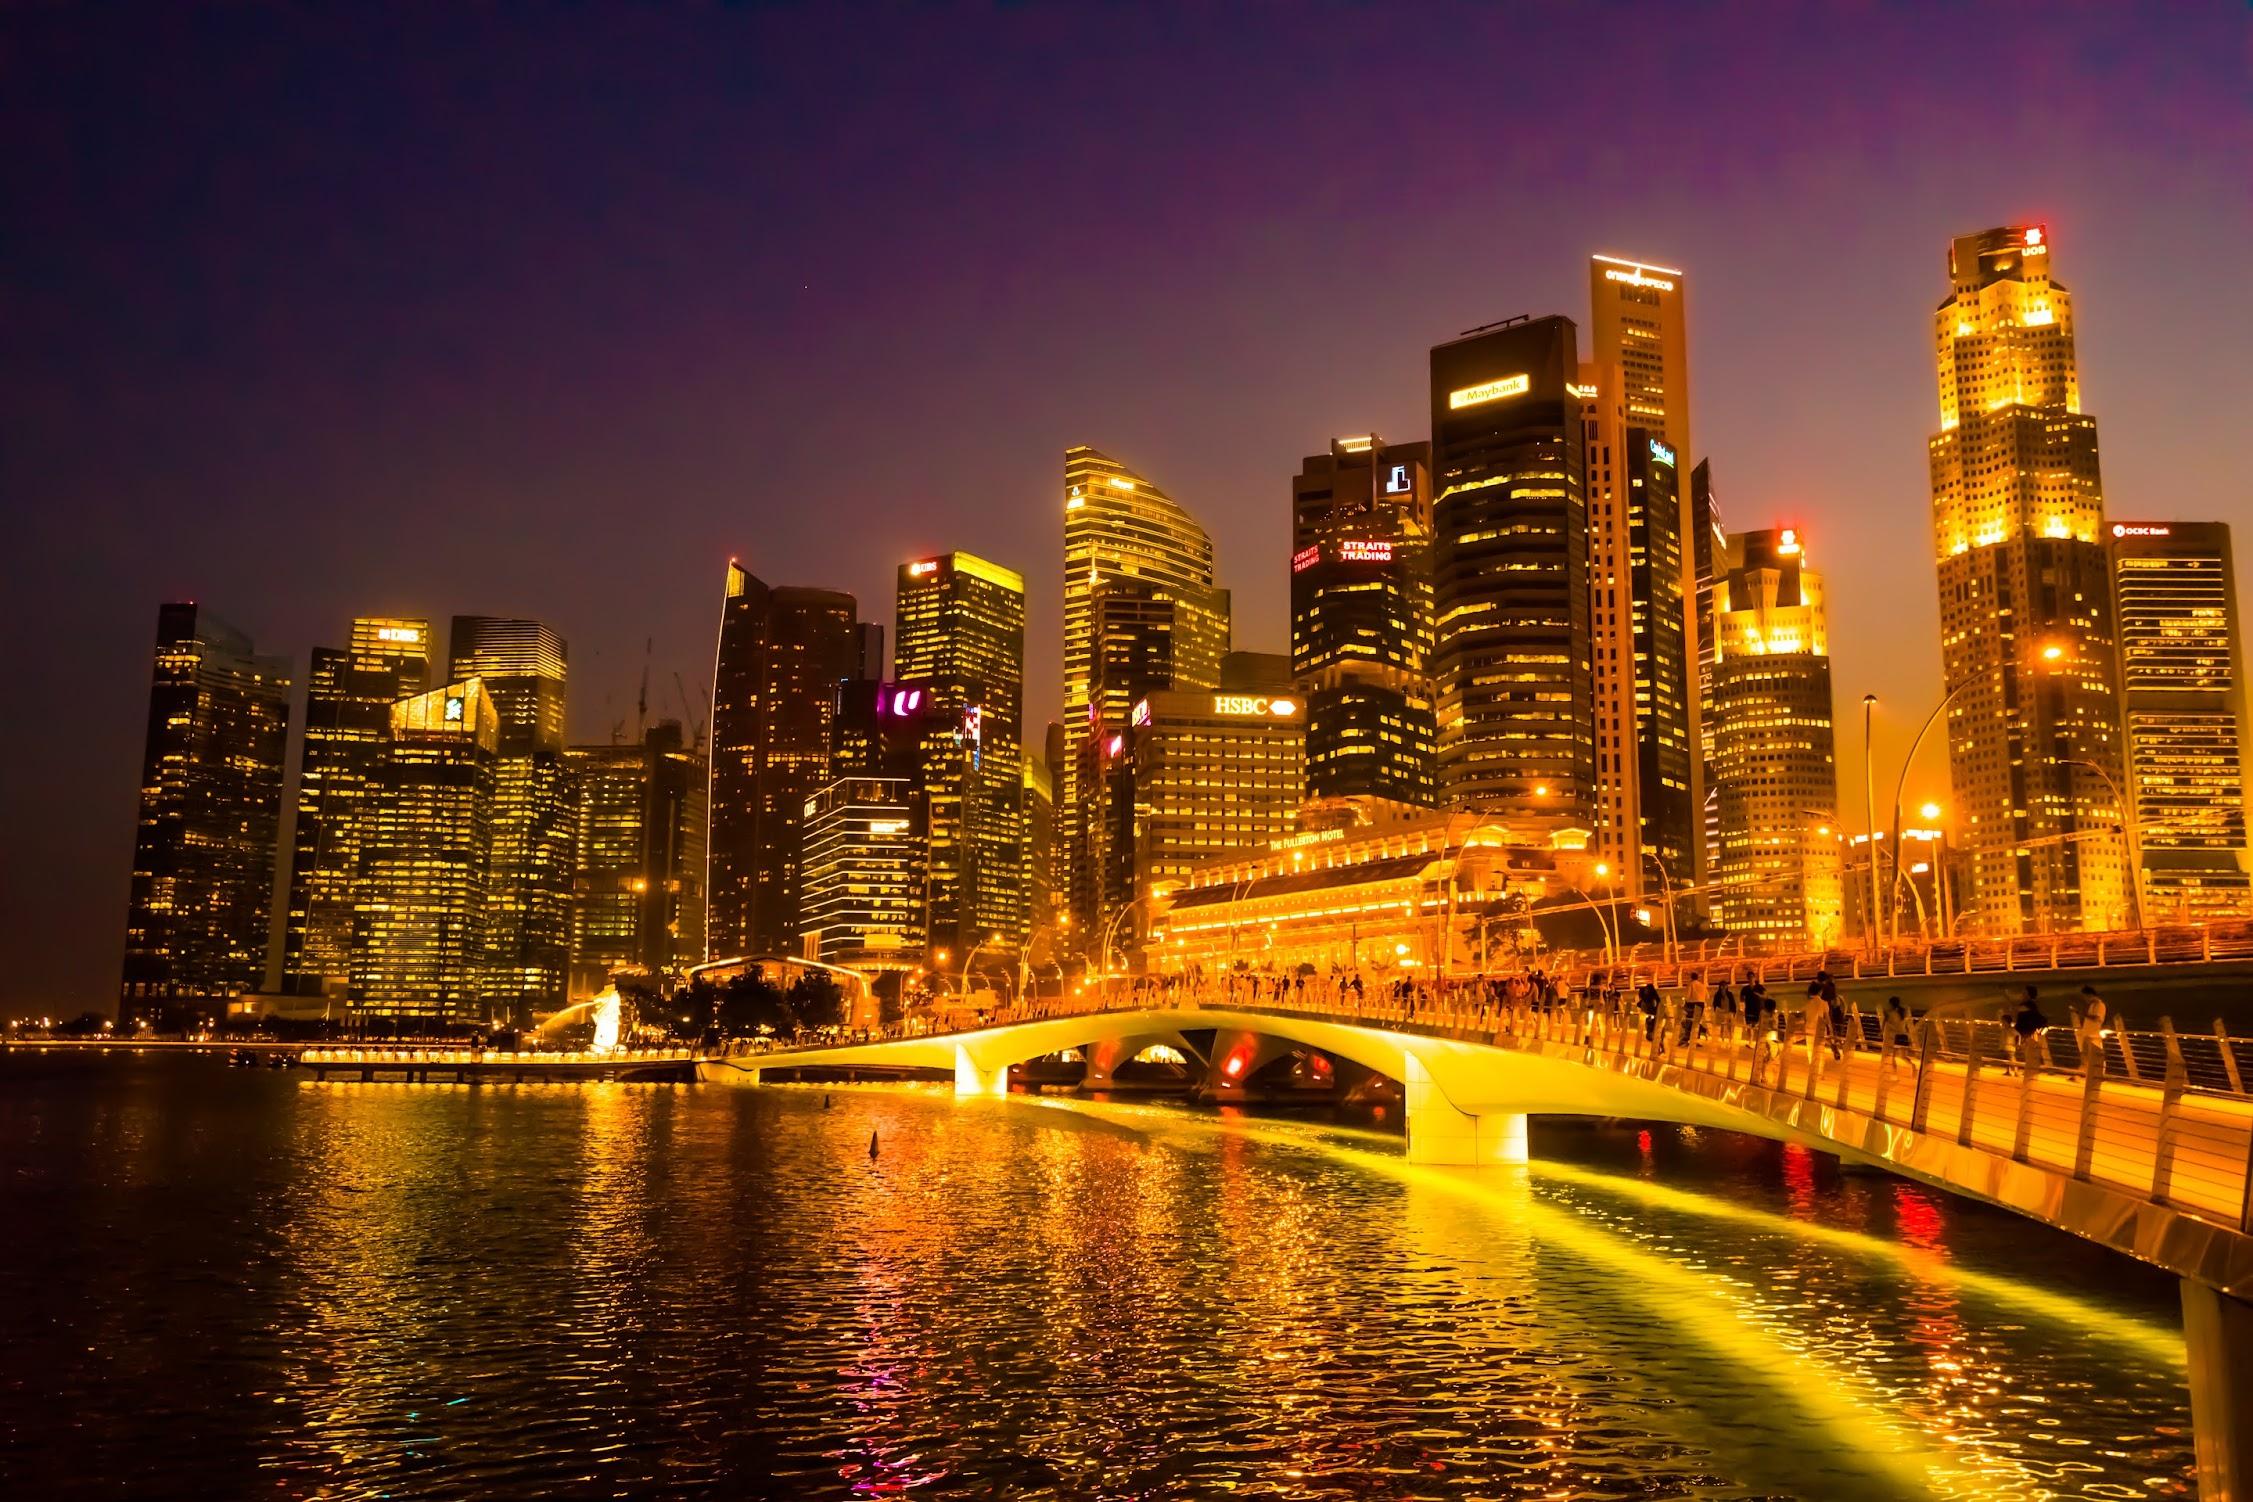 シンガポール フラトン・ホテル 夕景